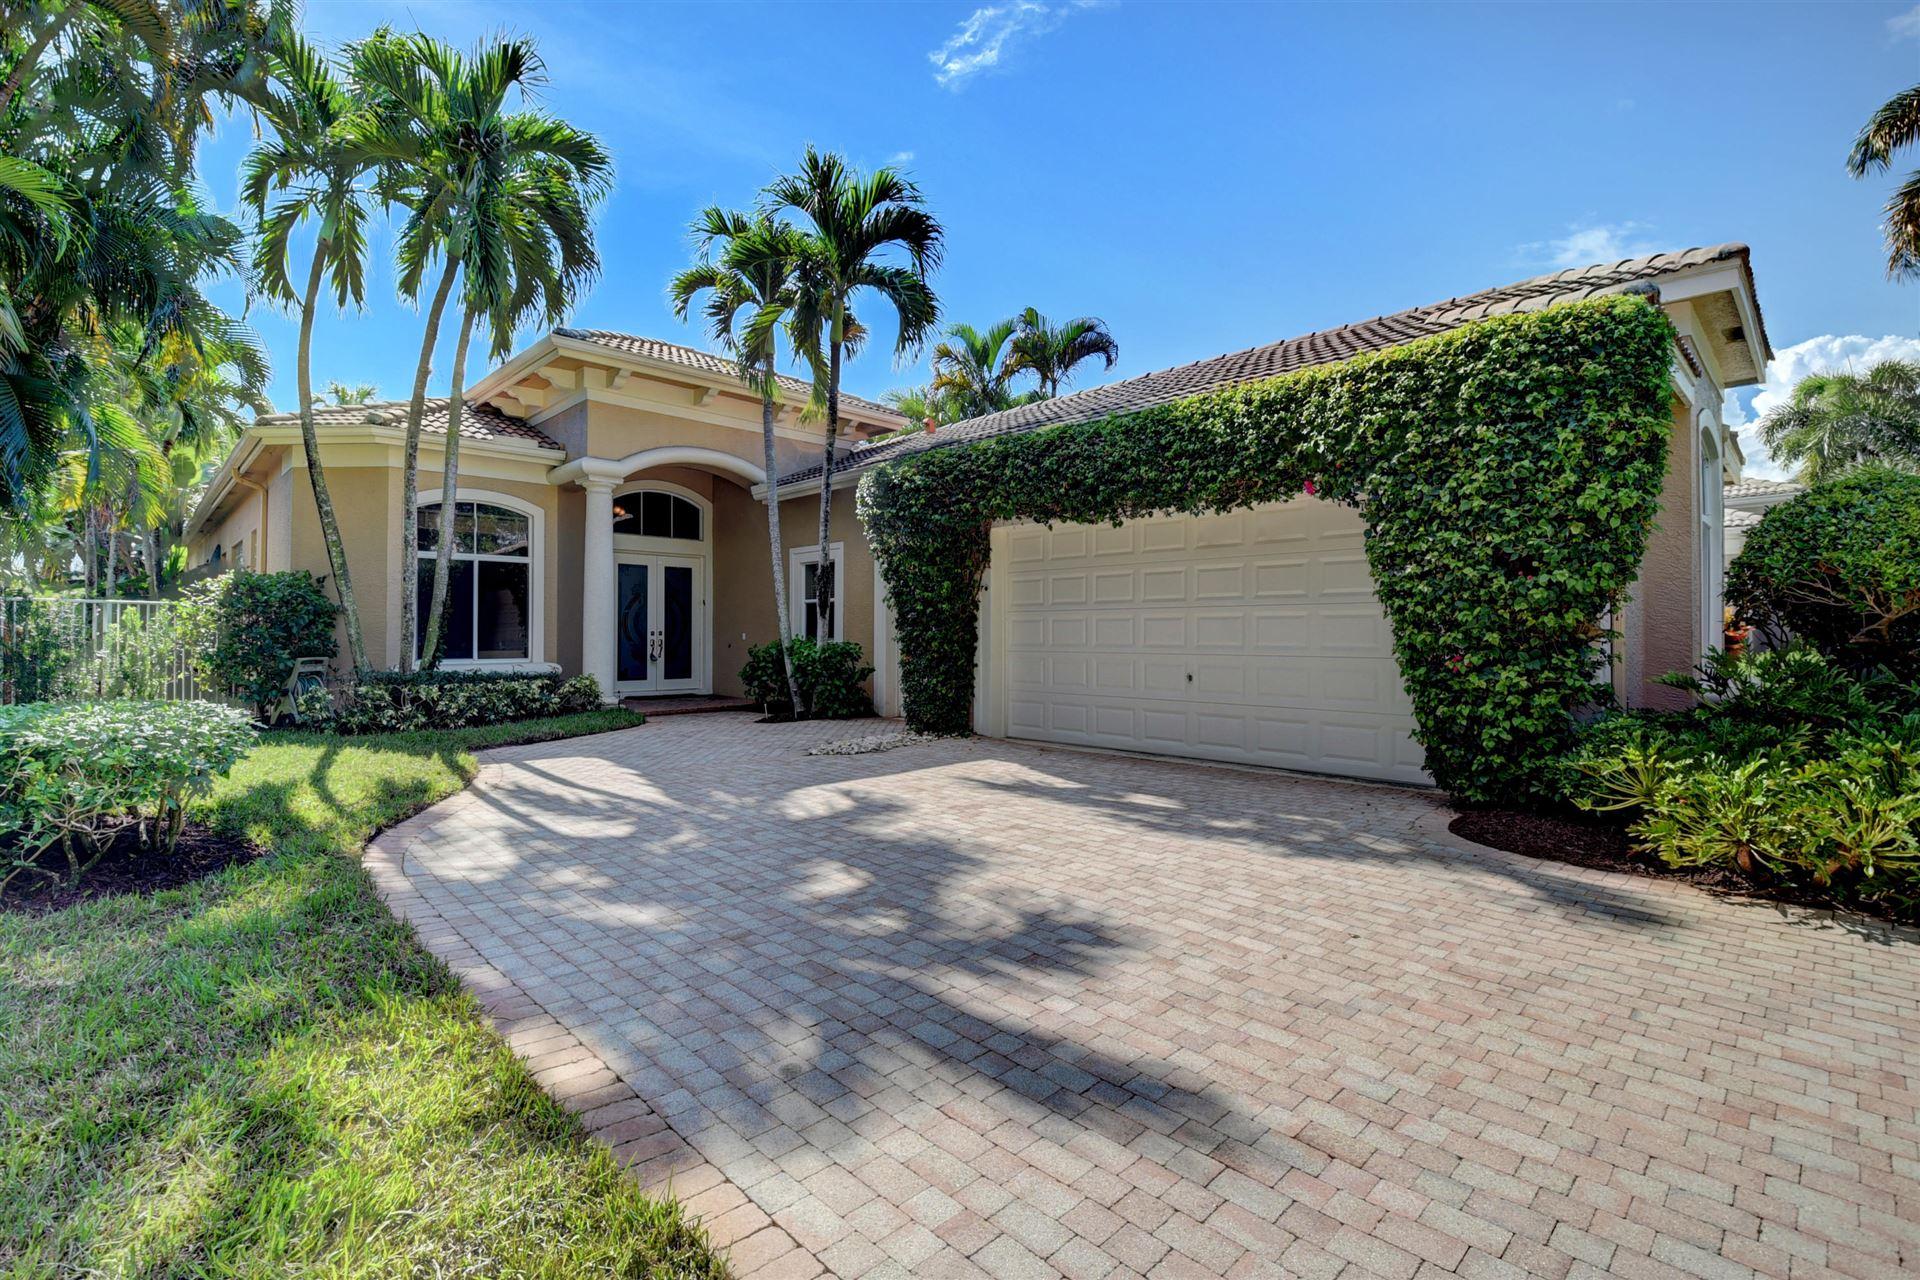 7748 Villa D Este Way, Delray Beach, FL 33446 - #: RX-10572287